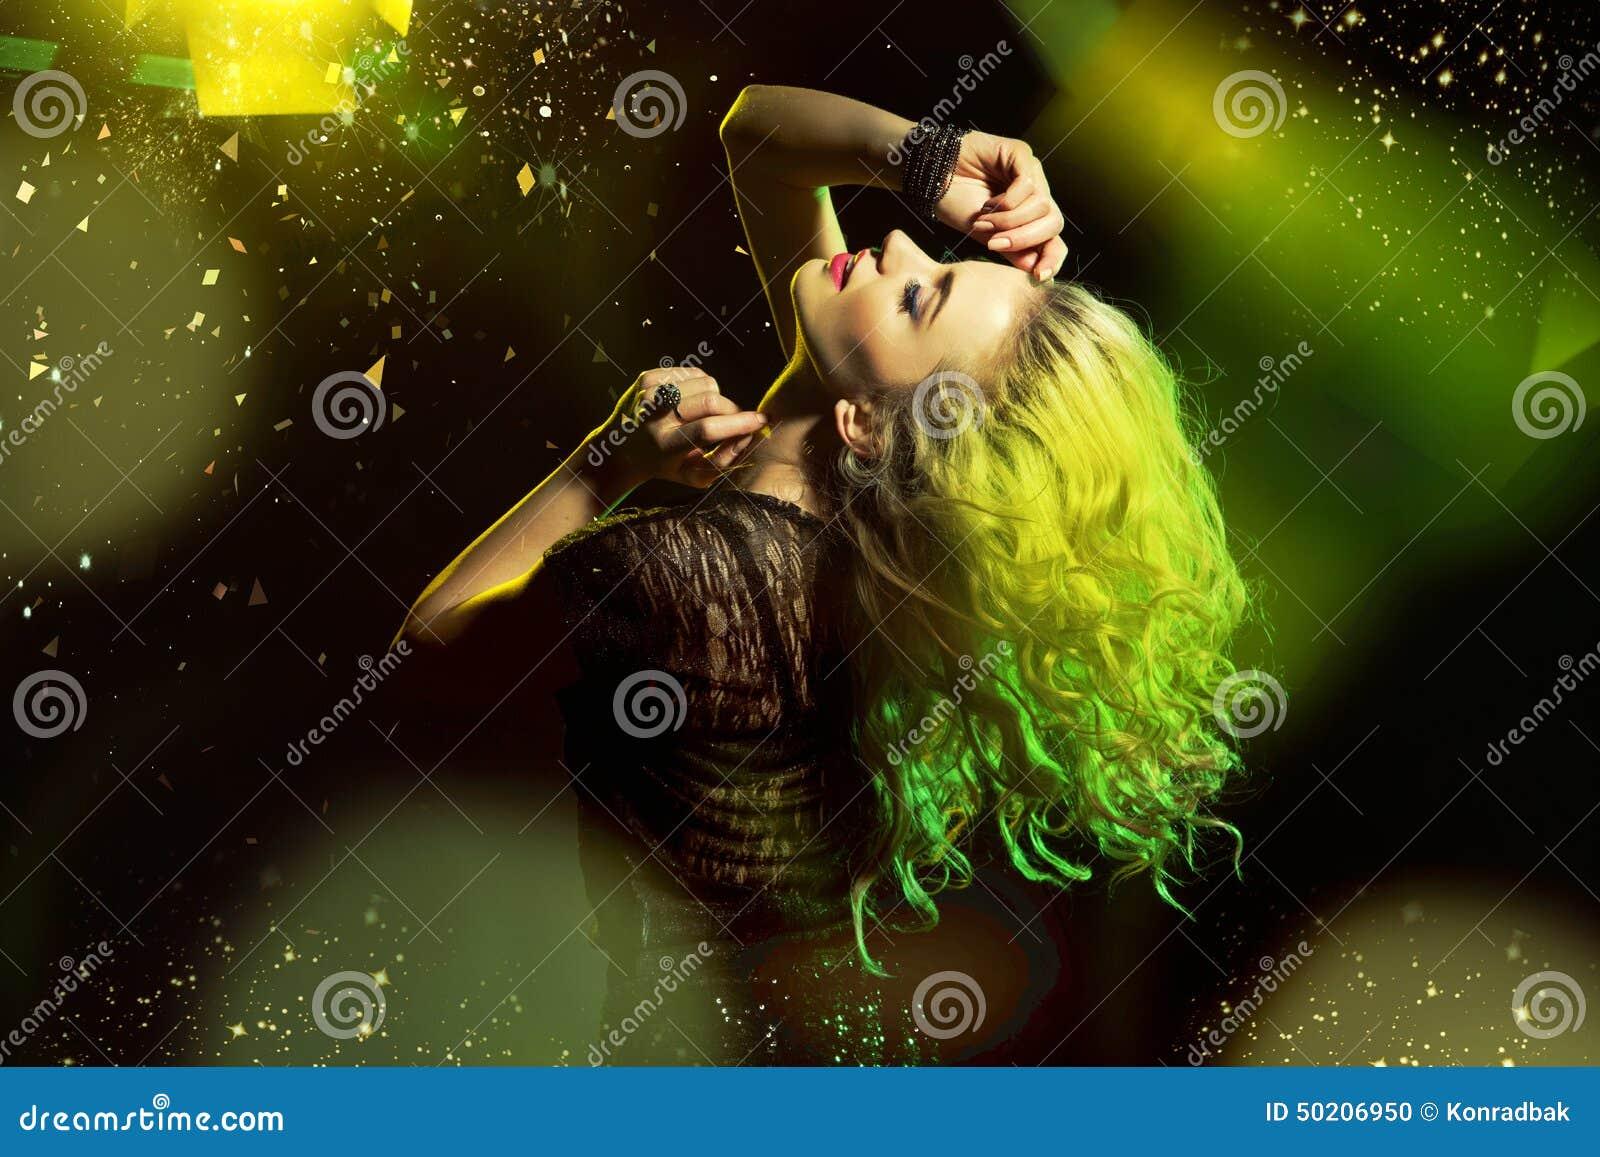 Alluring woman dancing on the dance floor